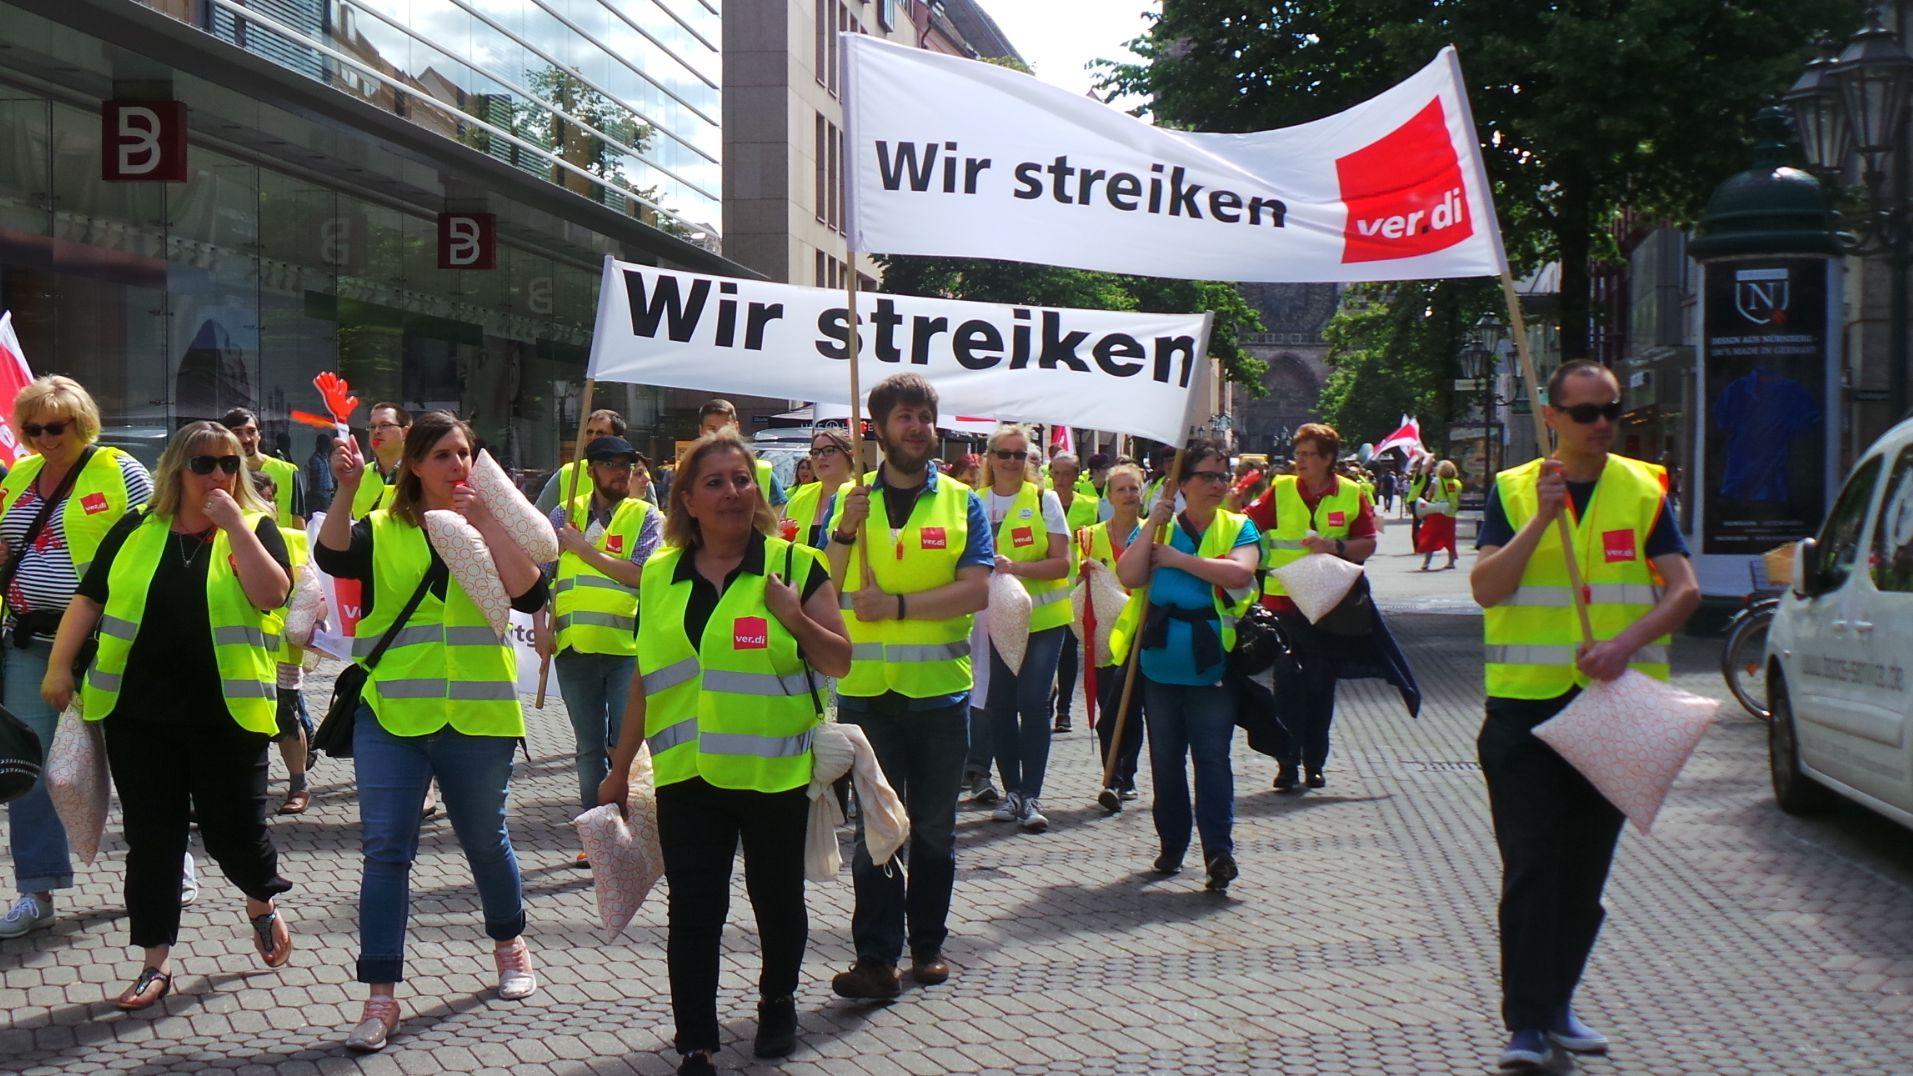 """Beschäftigte streiken, sie zeigen Banderolen mit der Aufschrift """"Wir streiken"""", zu sehen ist außerdem ein Verdi-Logo."""